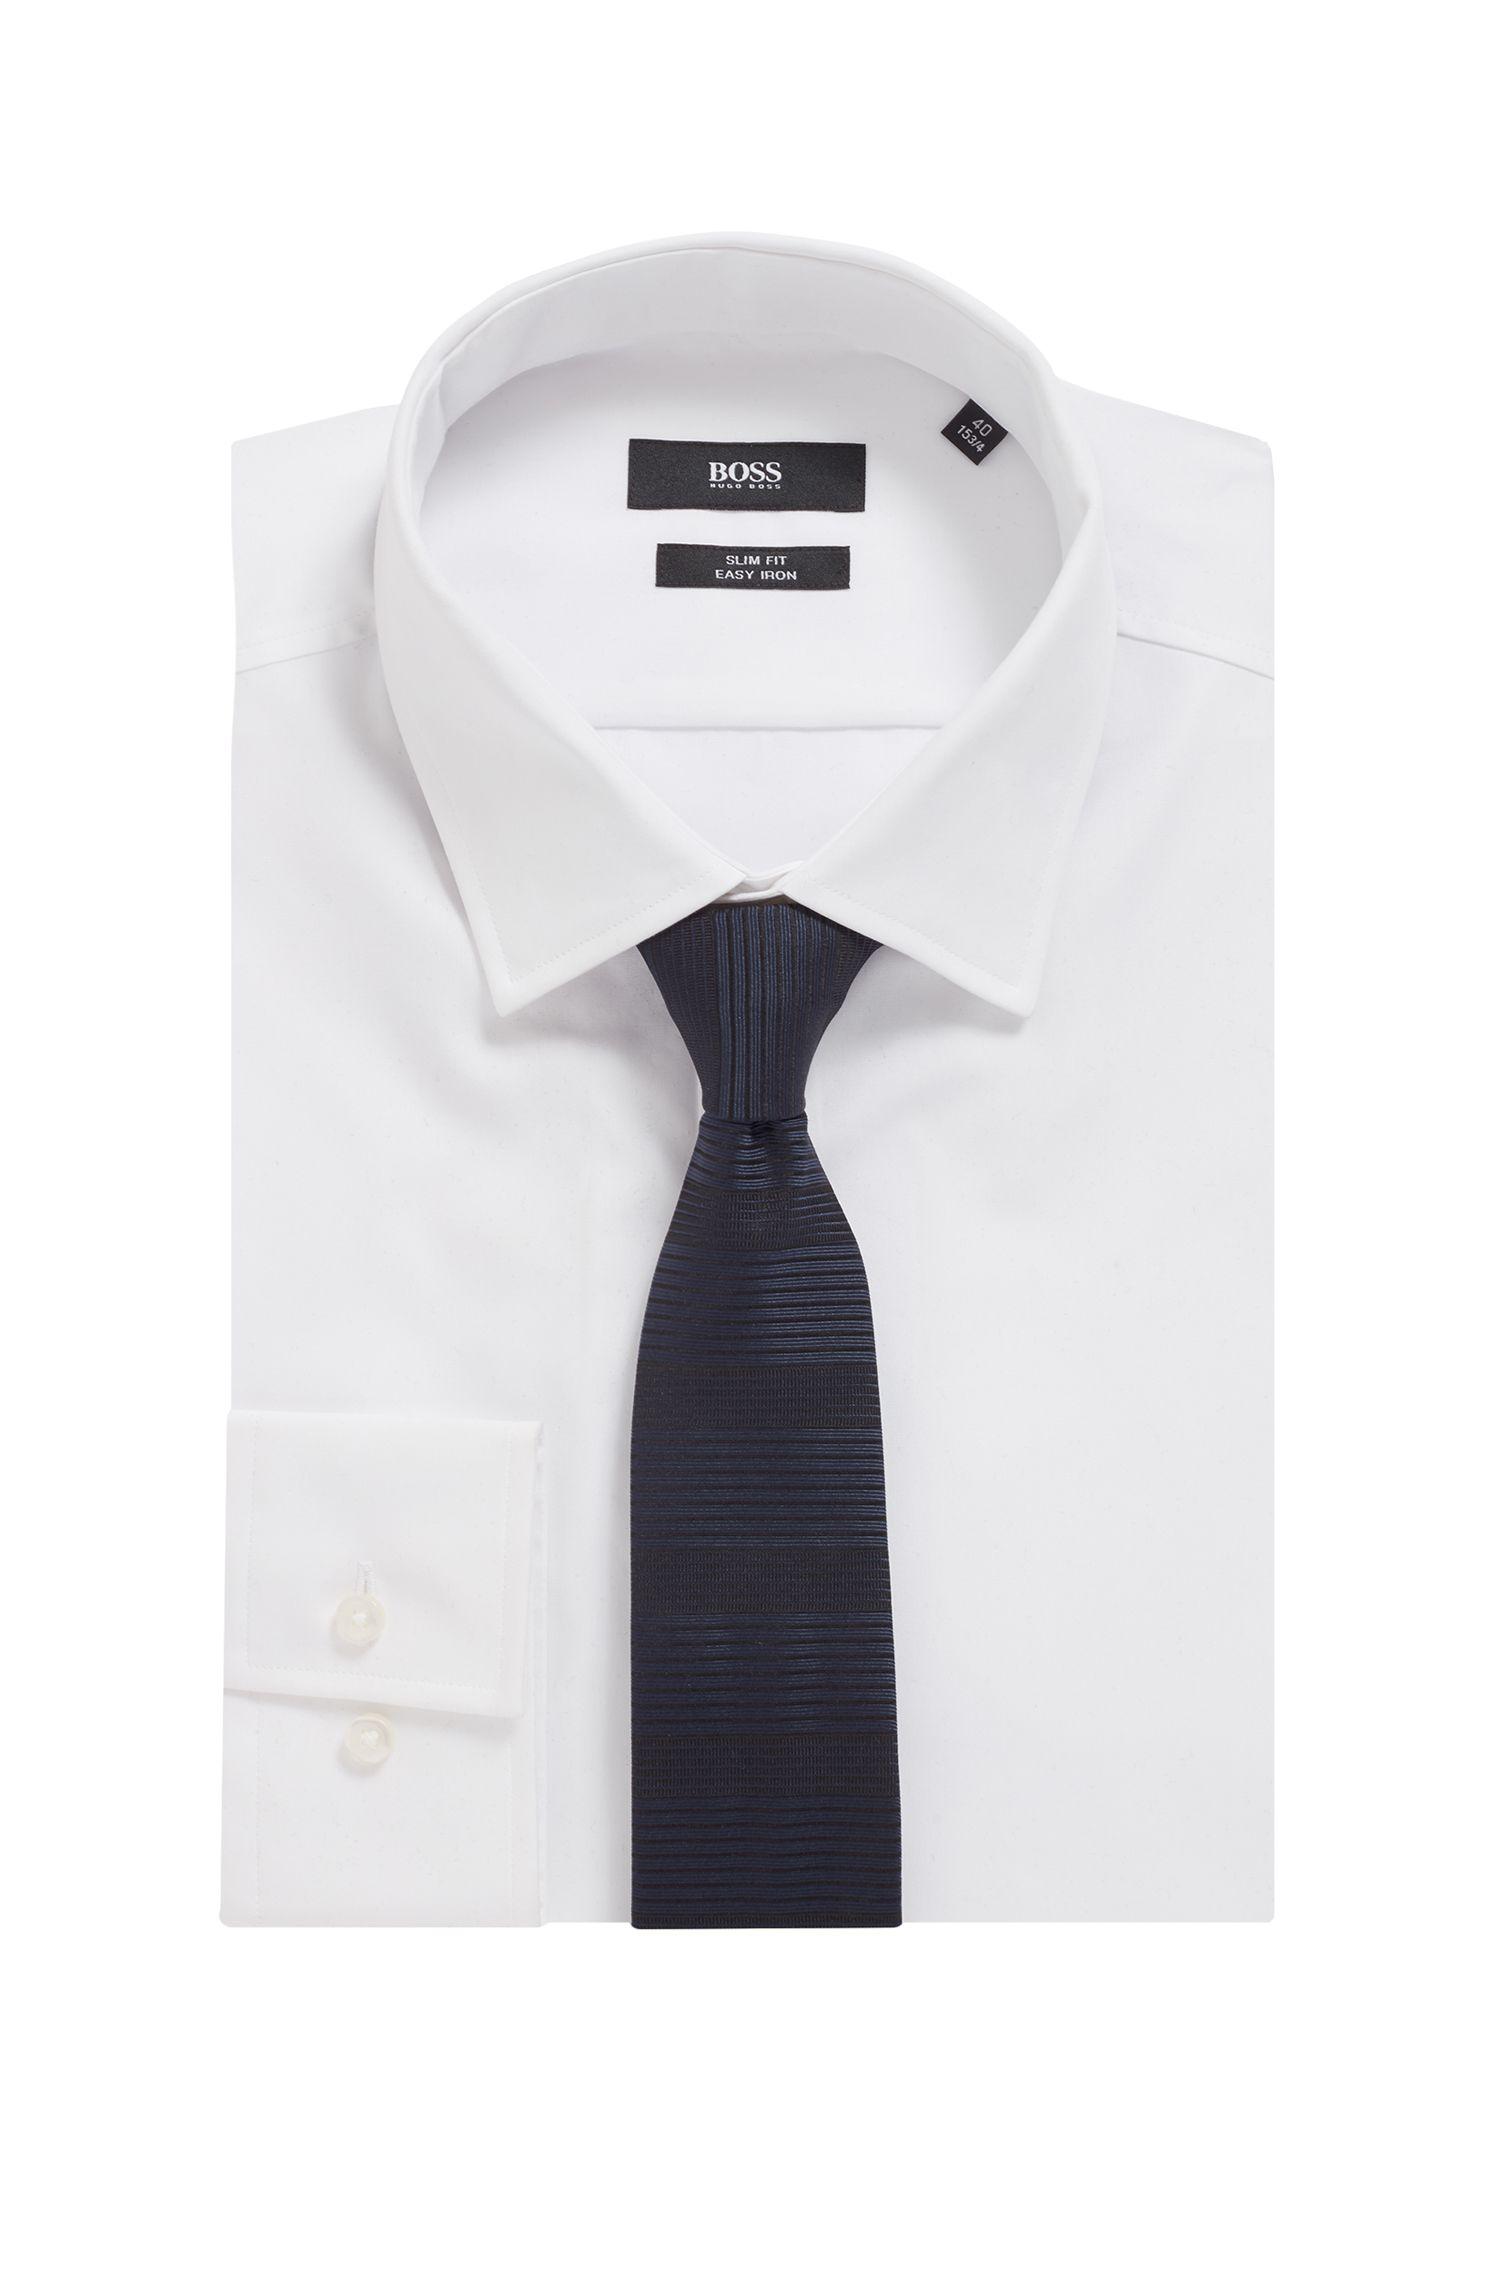 Handgefertigte Krawatte aus Seide mit unterschiedlich breiten Querstreifen, Dunkelblau